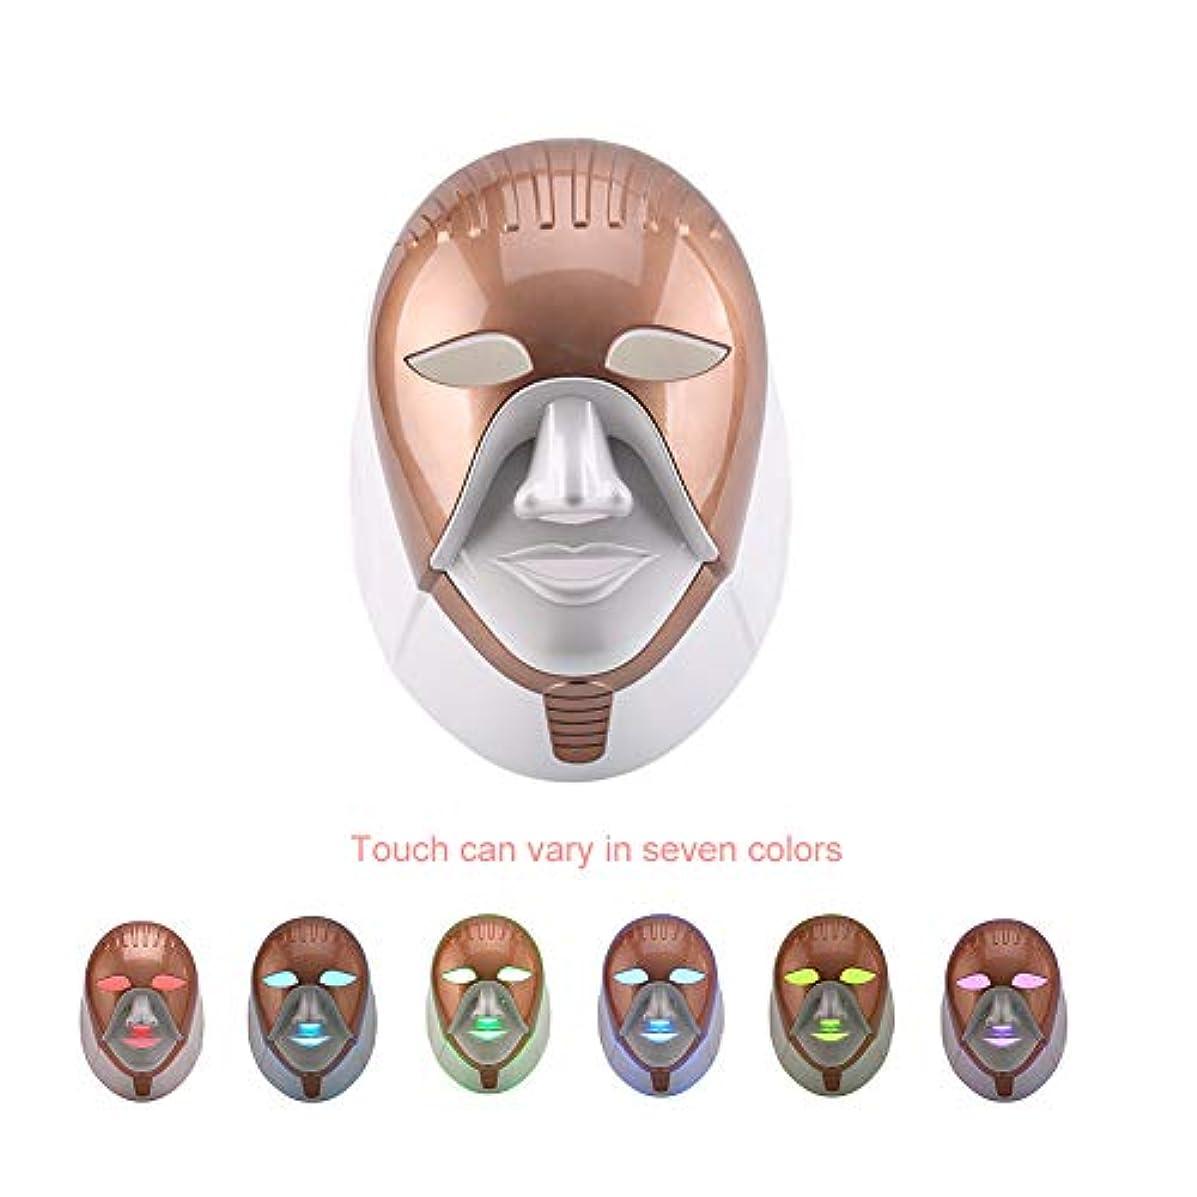 委任マルクス主義者オフセット7色led光子フェイスマスク、にきび除去しわ治療、インテリジェントタッチコントロール光子療法、美容機器にきび肌の若返り